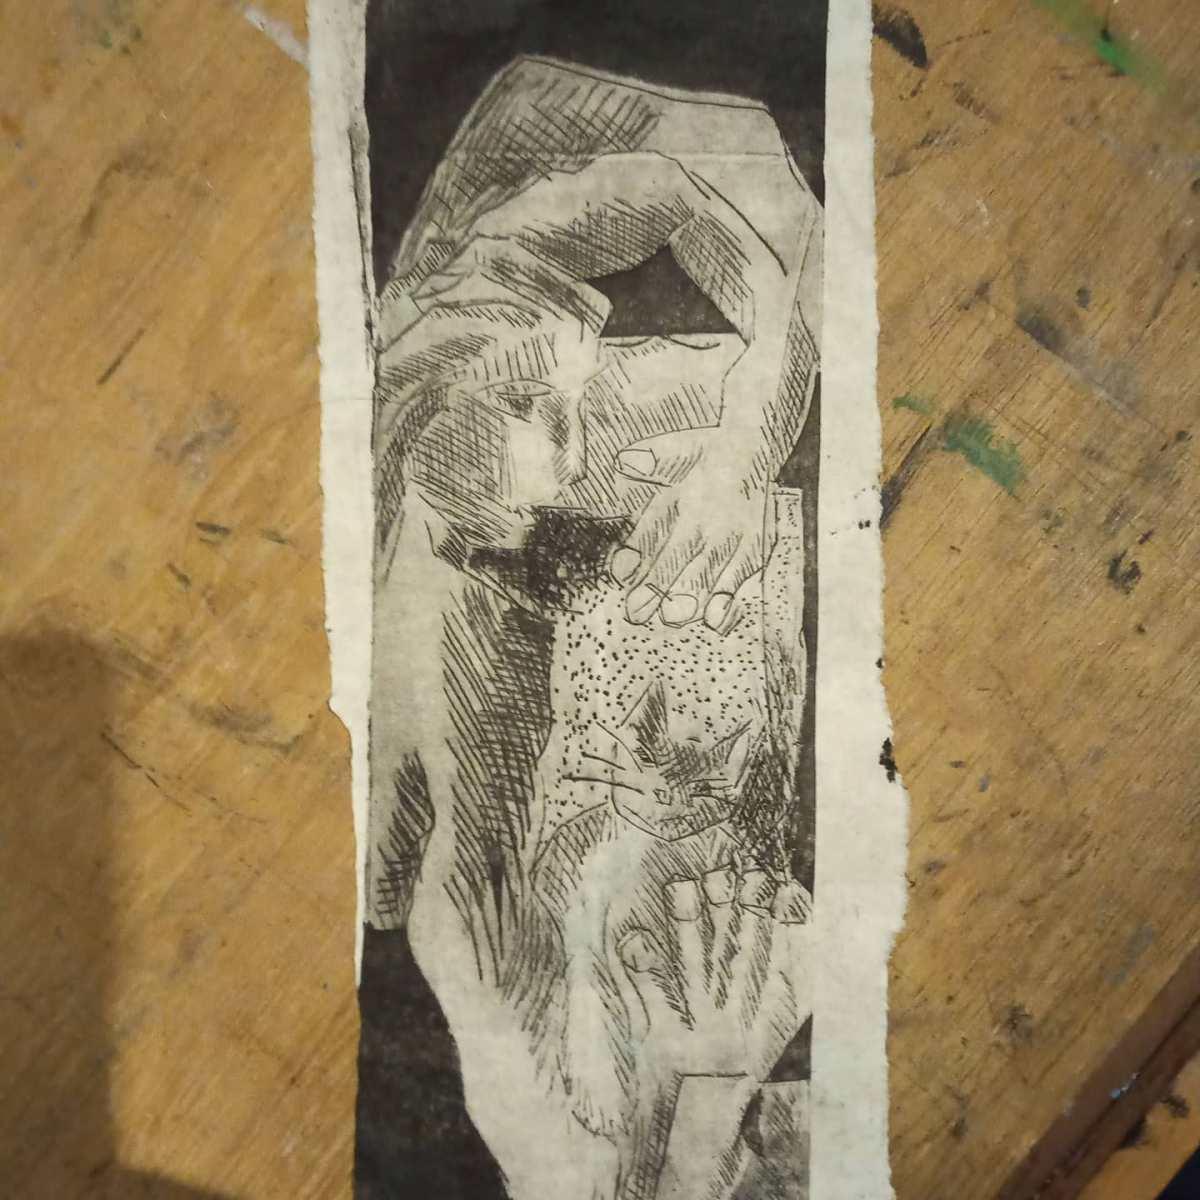 Nocturnale - Gravure sur TetraPack, imprimée sur papier de chine - 26x9cm - Travail en cours